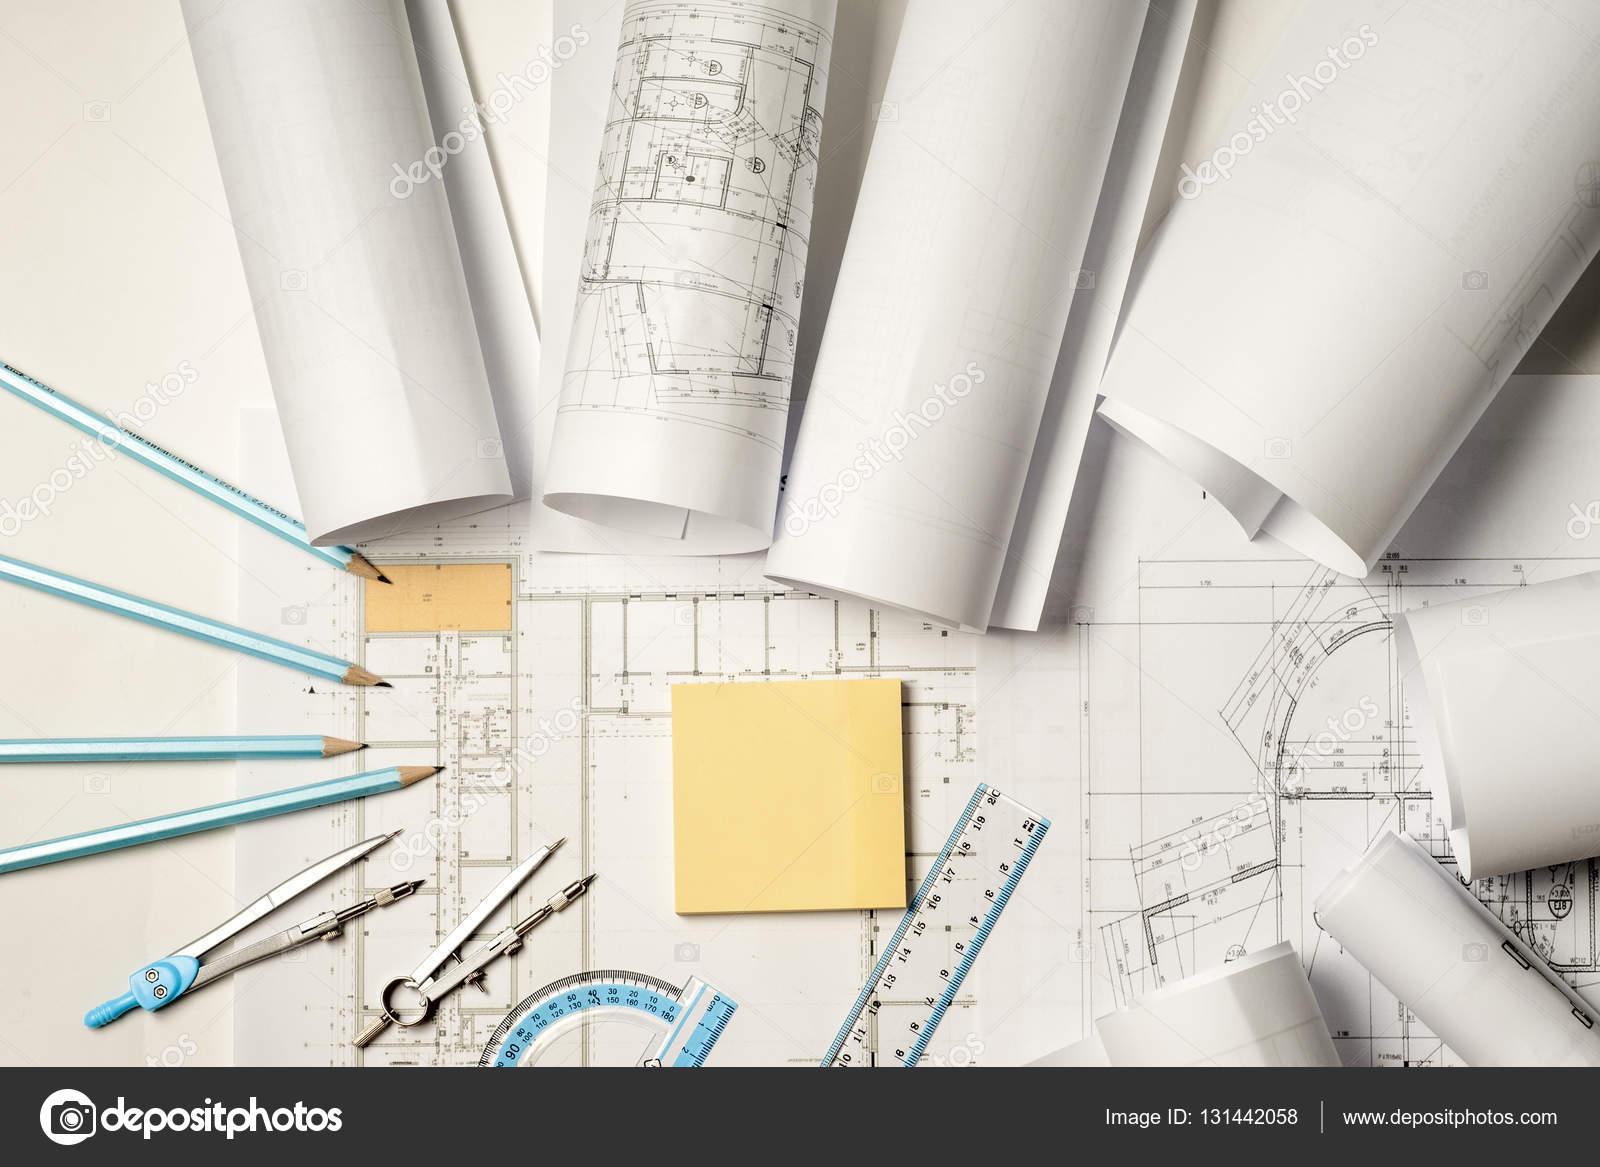 Lavoro Architetto Ufficio Tecnico : Luogo di lavoro dell architetto rotoli e piani u foto stock